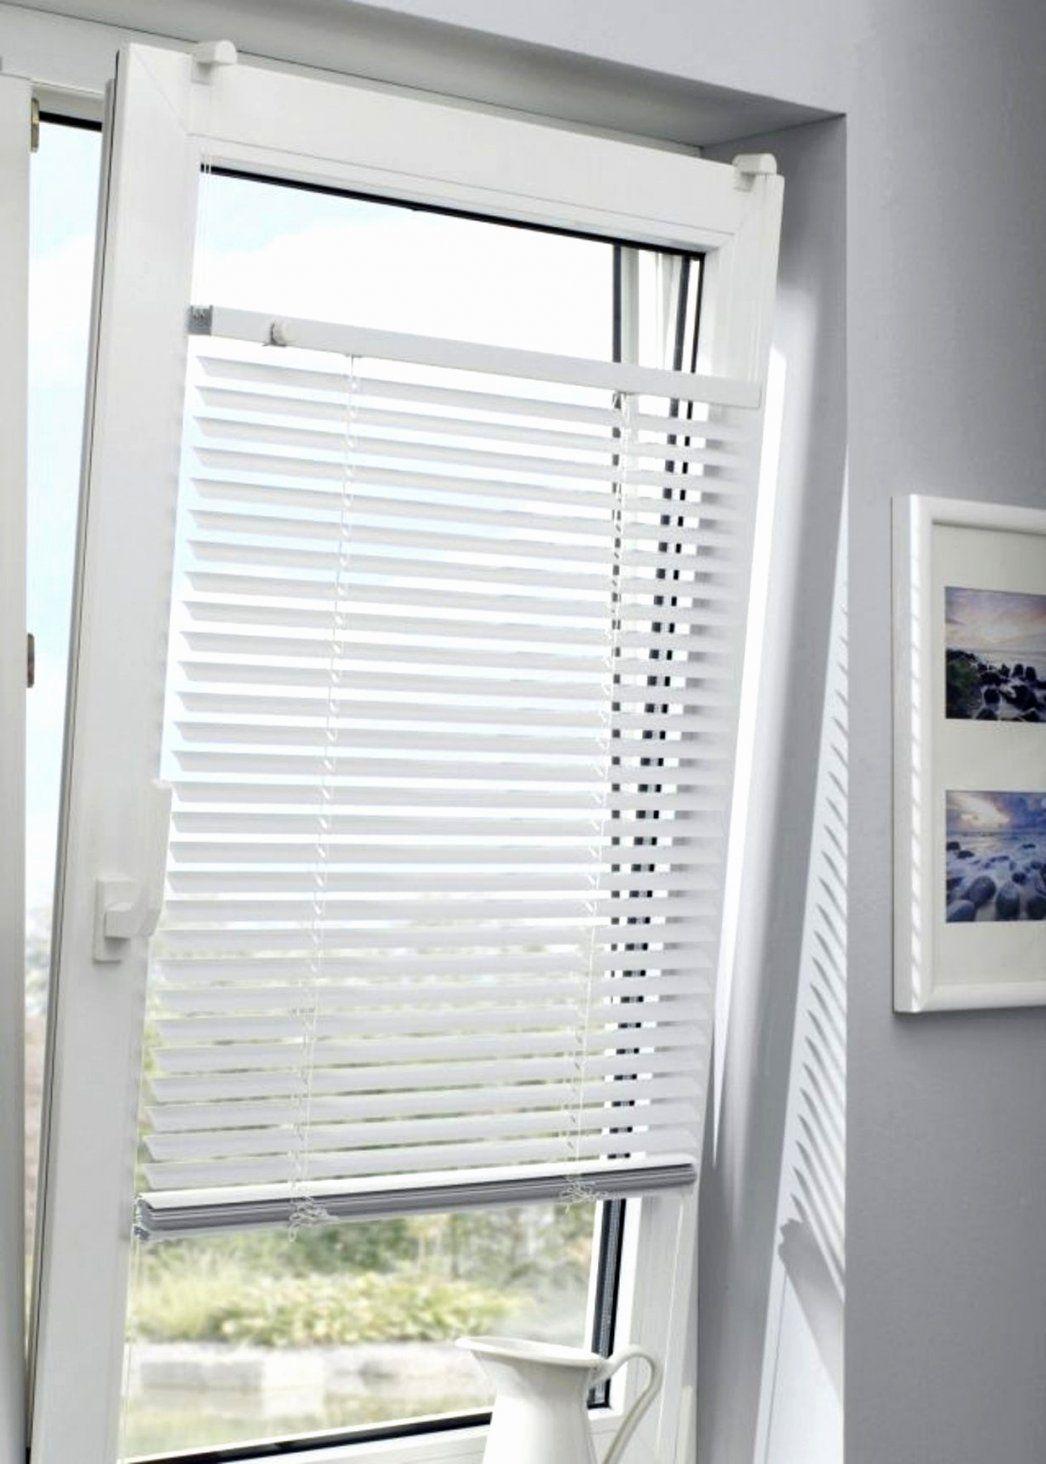 Dachfenster Rollo Ohne Bohren Best Innen Jalousien Free Innen With von Jalousien Innen Ohne Bohren Bild